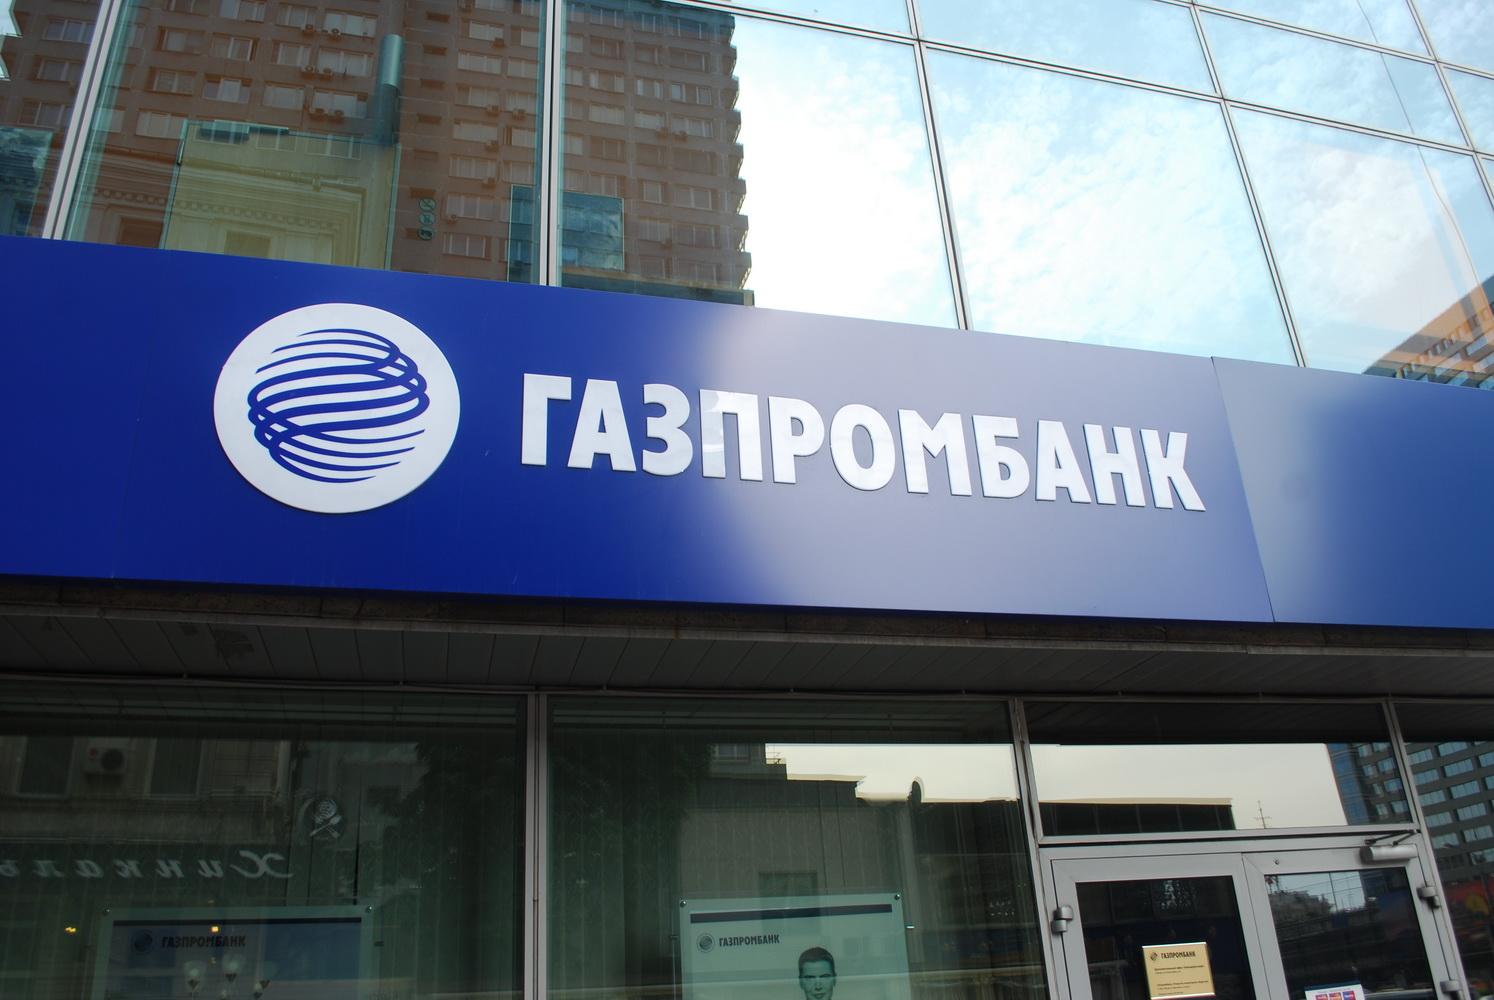 Газпромбанк представил новые условия кредитования для покупки бизнес-жилья